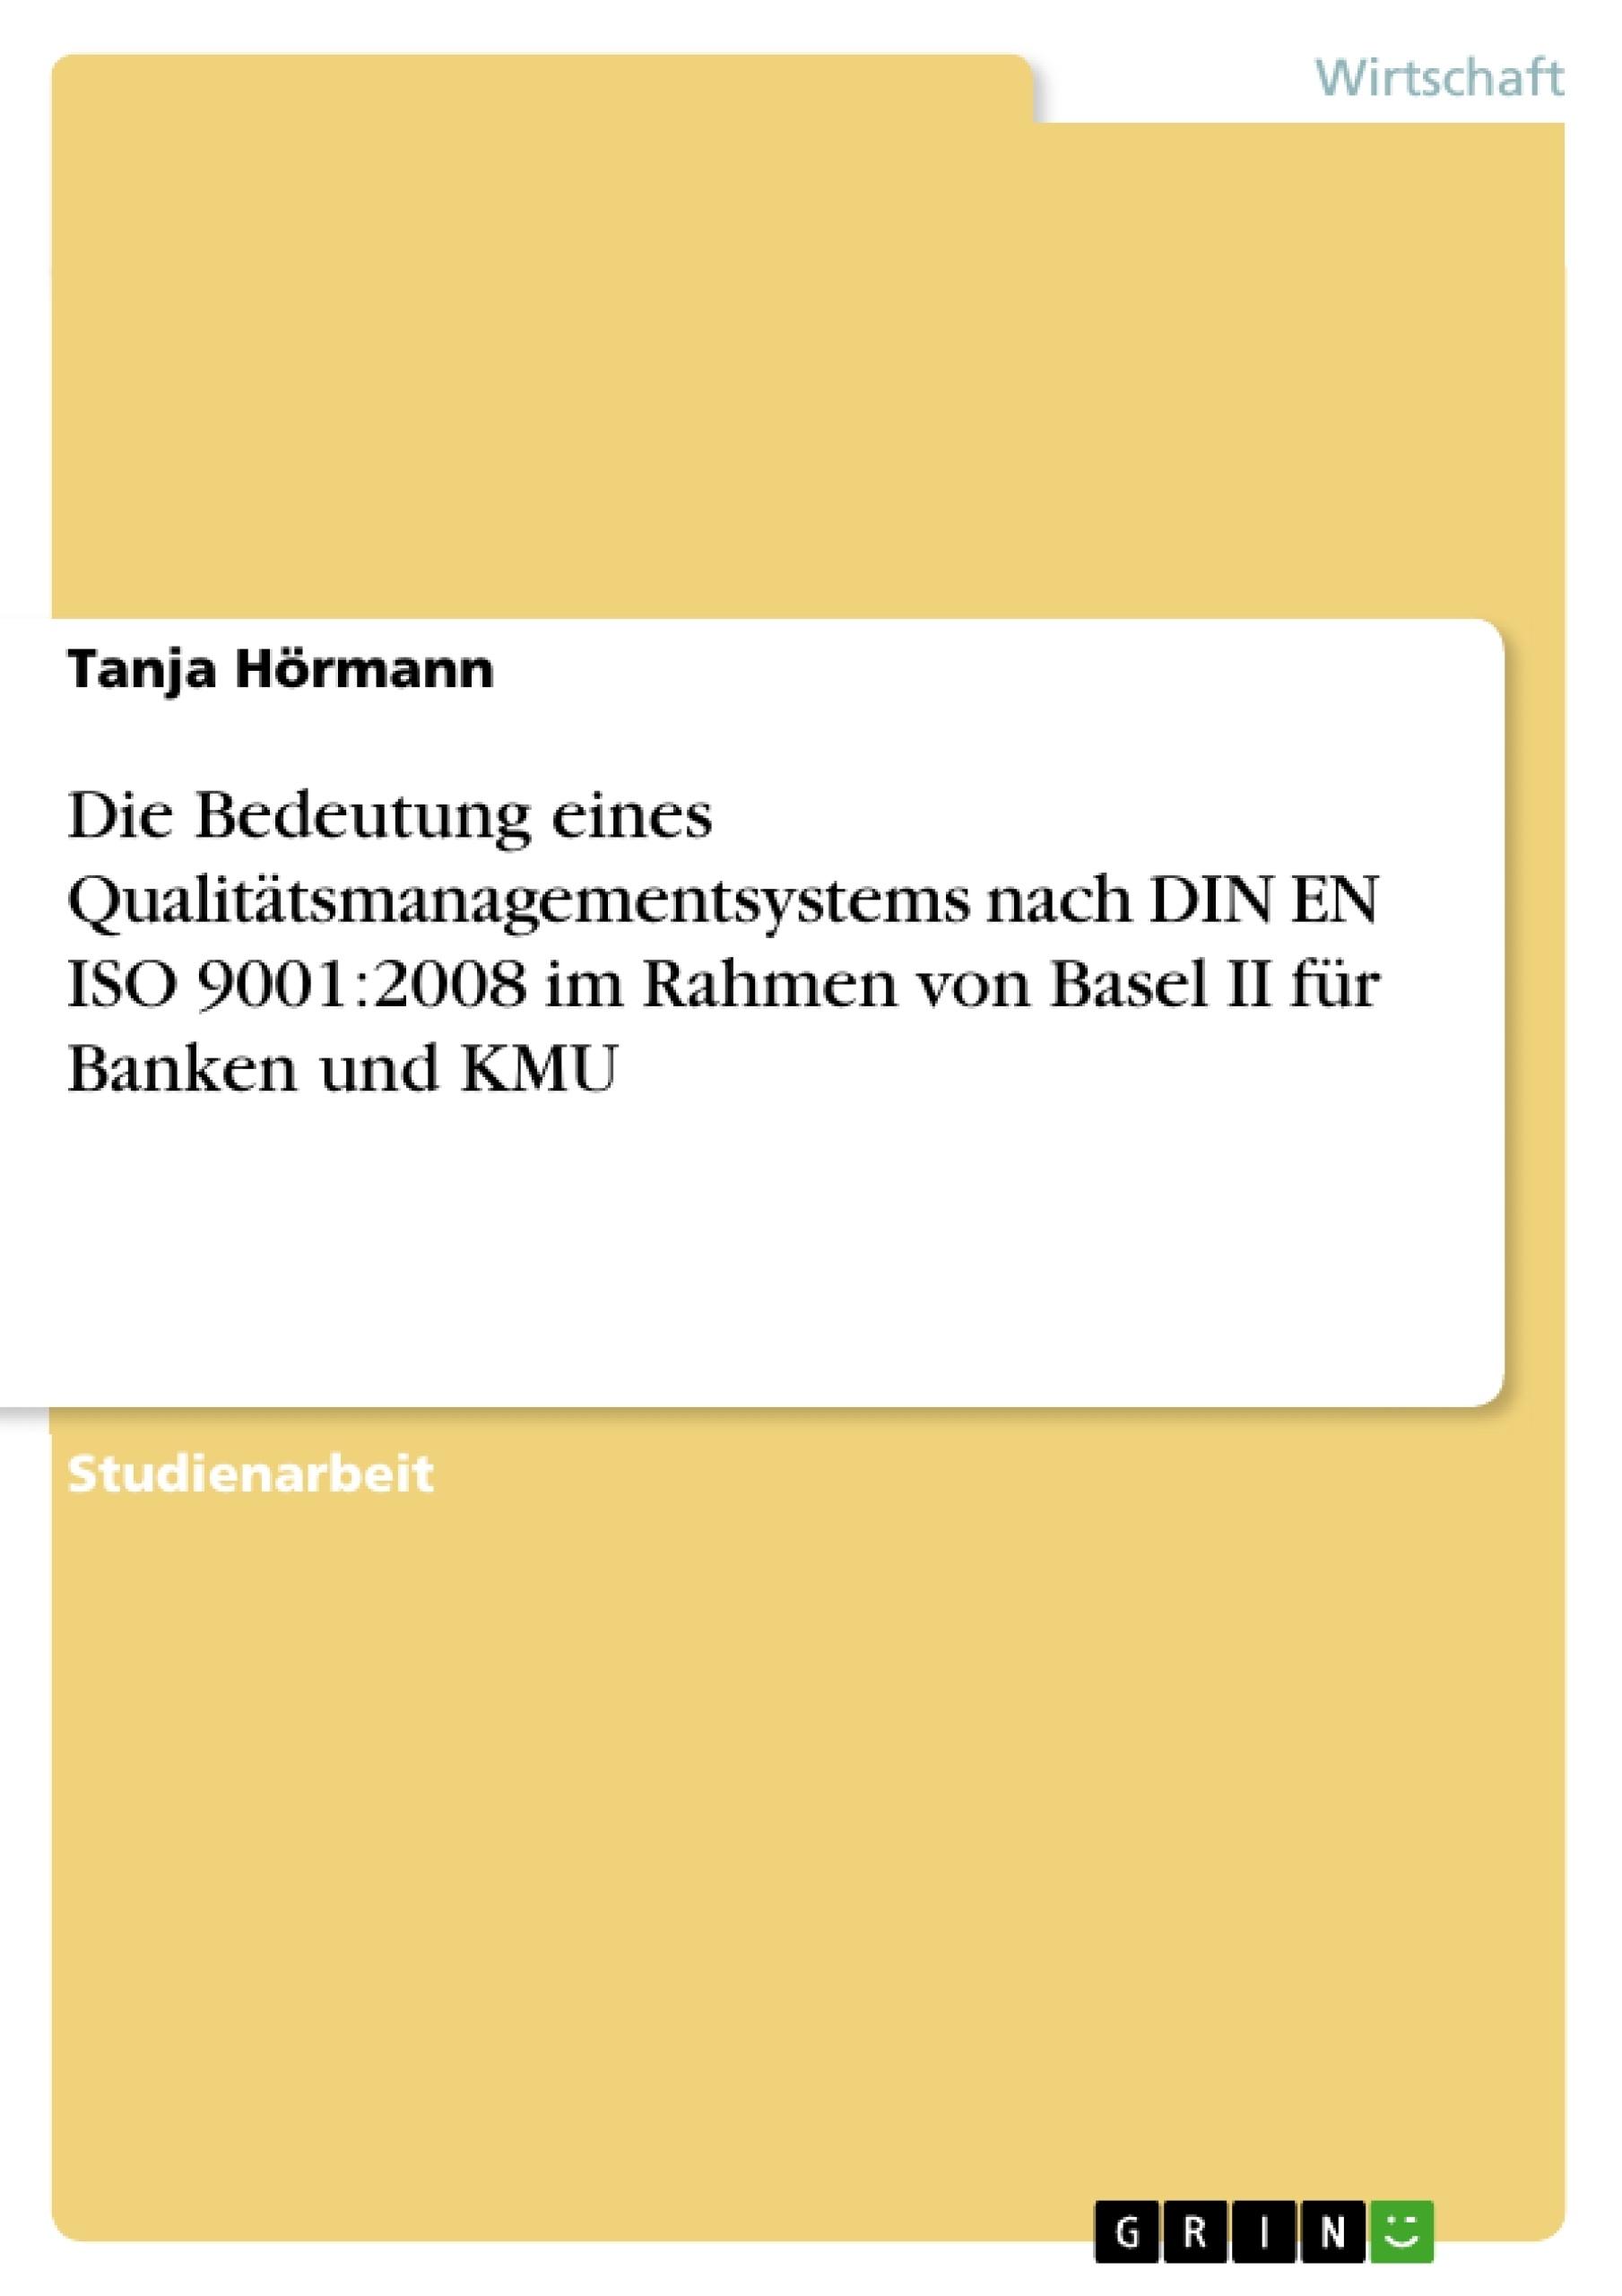 Titel: Die Bedeutung eines Qualitätsmanagementsystems nach DIN EN ISO 9001:2008 im Rahmen von Basel II für Banken und KMU